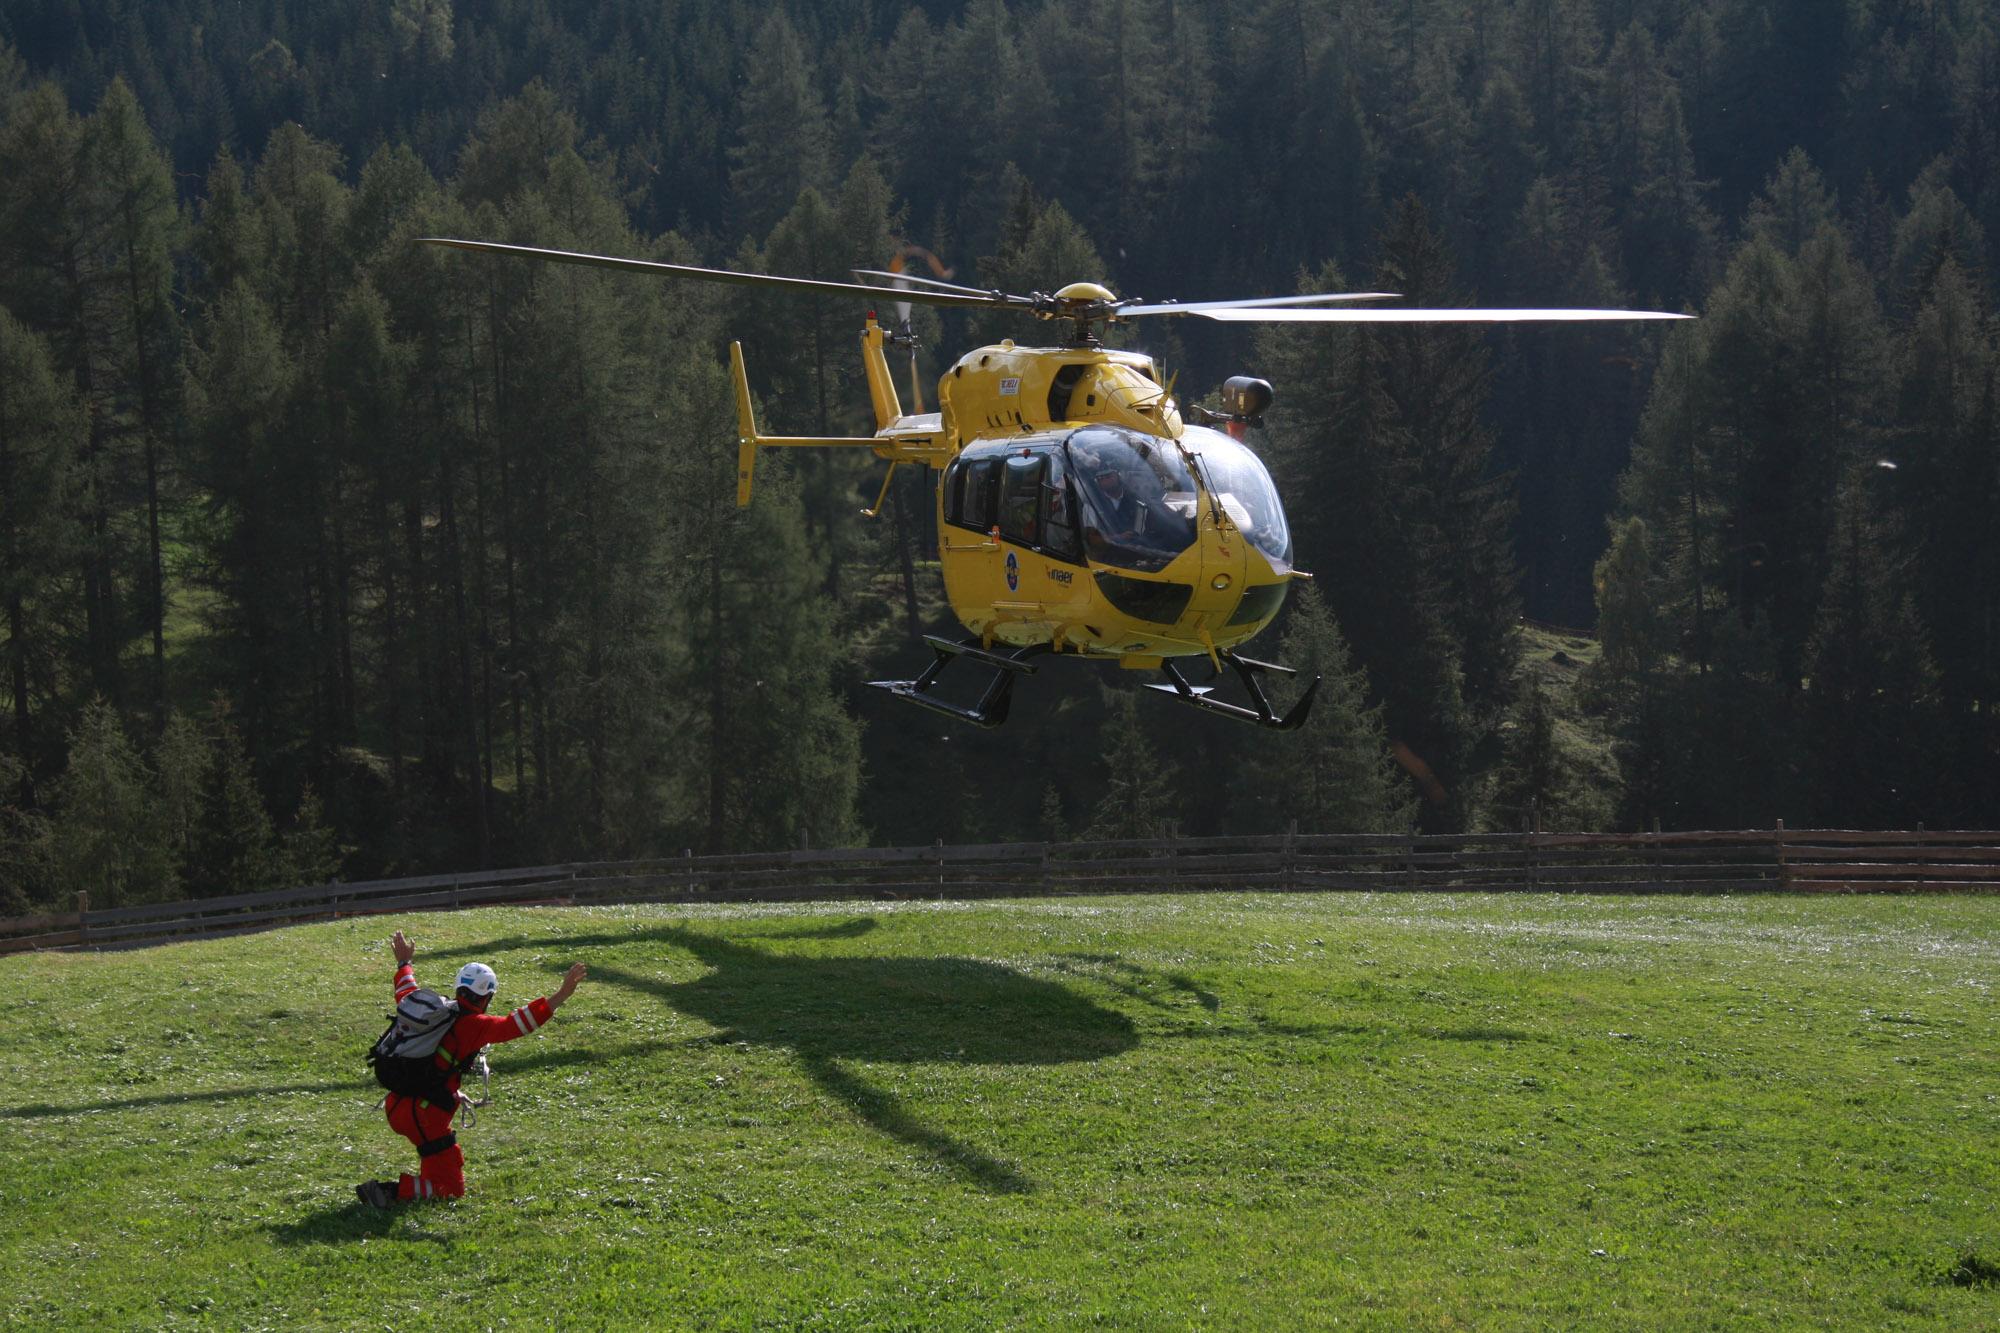 Ein Hubschrauber der Bergrettung landet auf einer Wiese